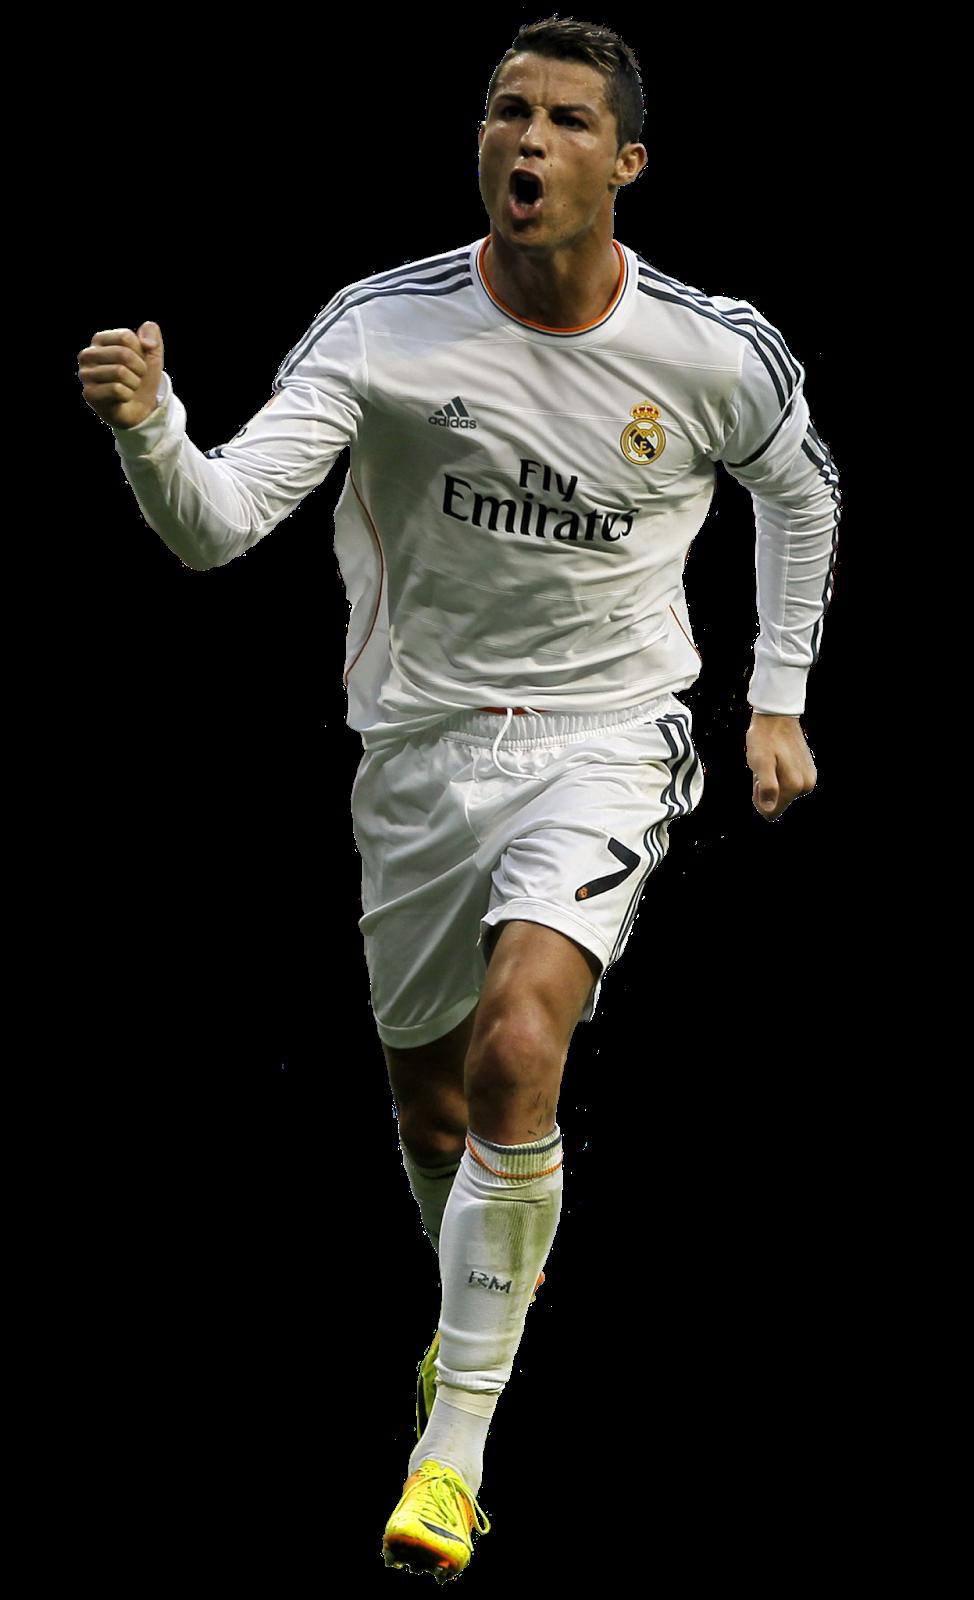 Ronaldo PNG - 174595